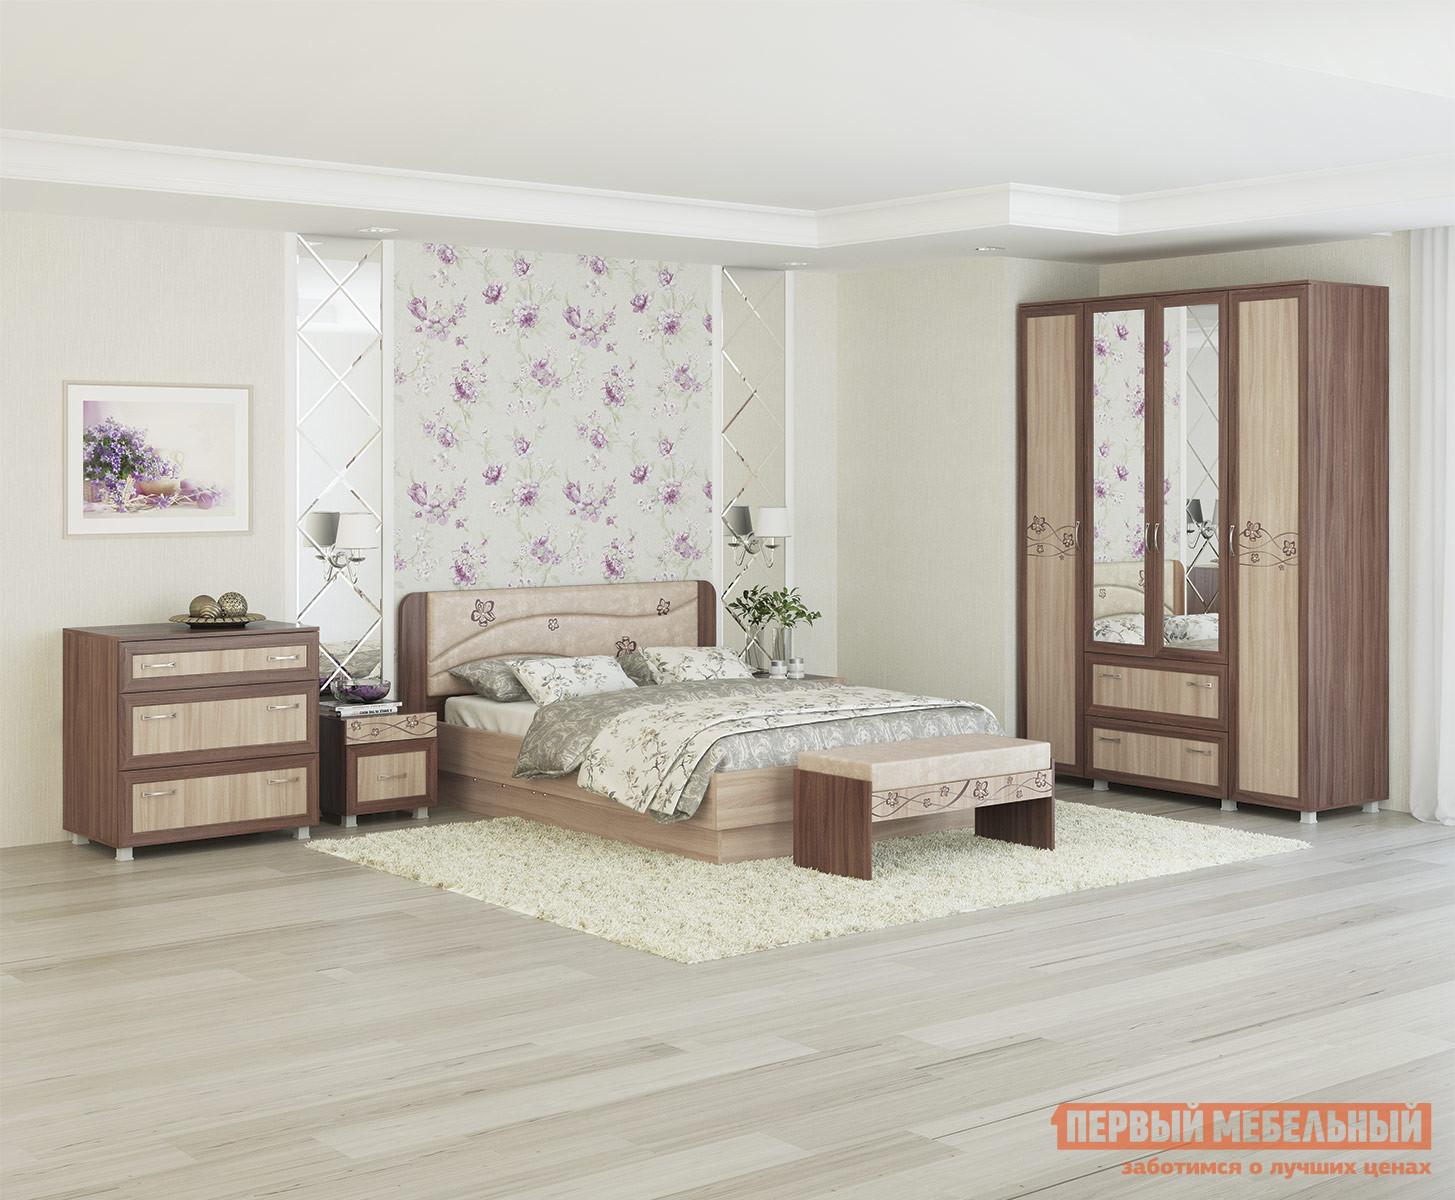 Комплект мебели для спальни МСТ Сальвия К1 комплект детской мебели мебельсон колледж к1